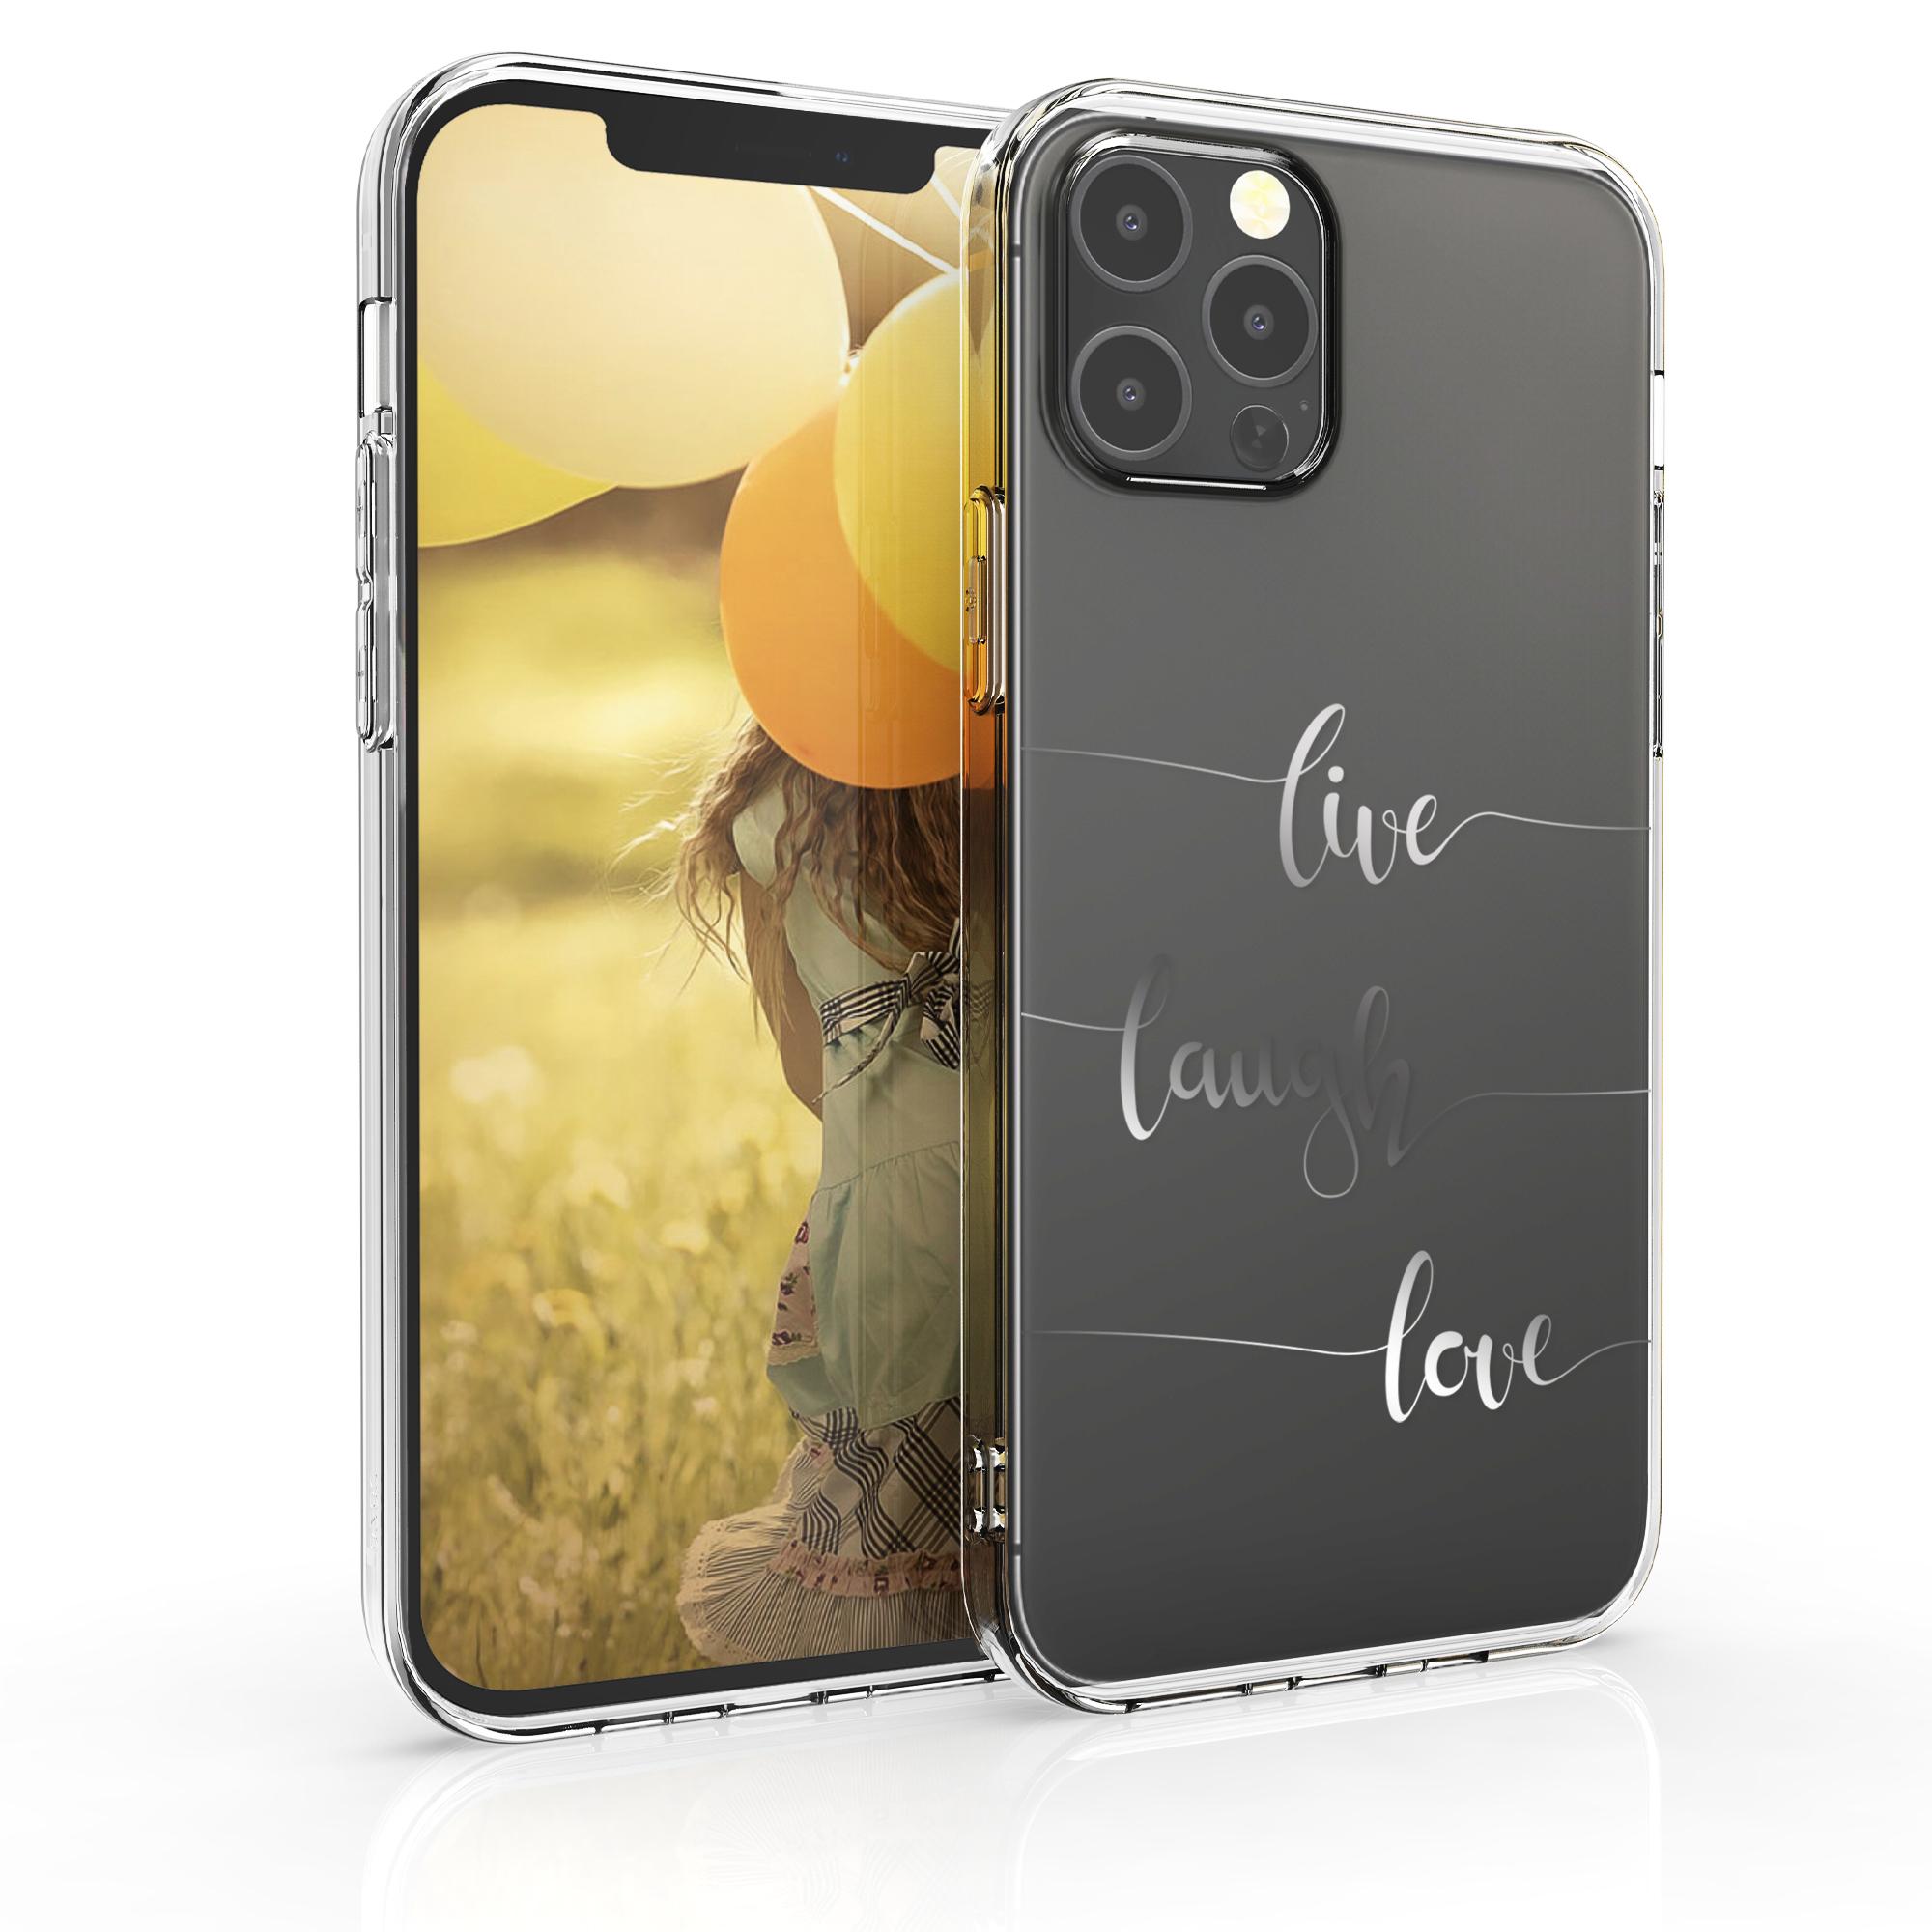 Kvalitní silikonové TPU pouzdro pro Apple iPhone 12 / 12 Pro - Žít, smích, láska Silver | Transparent